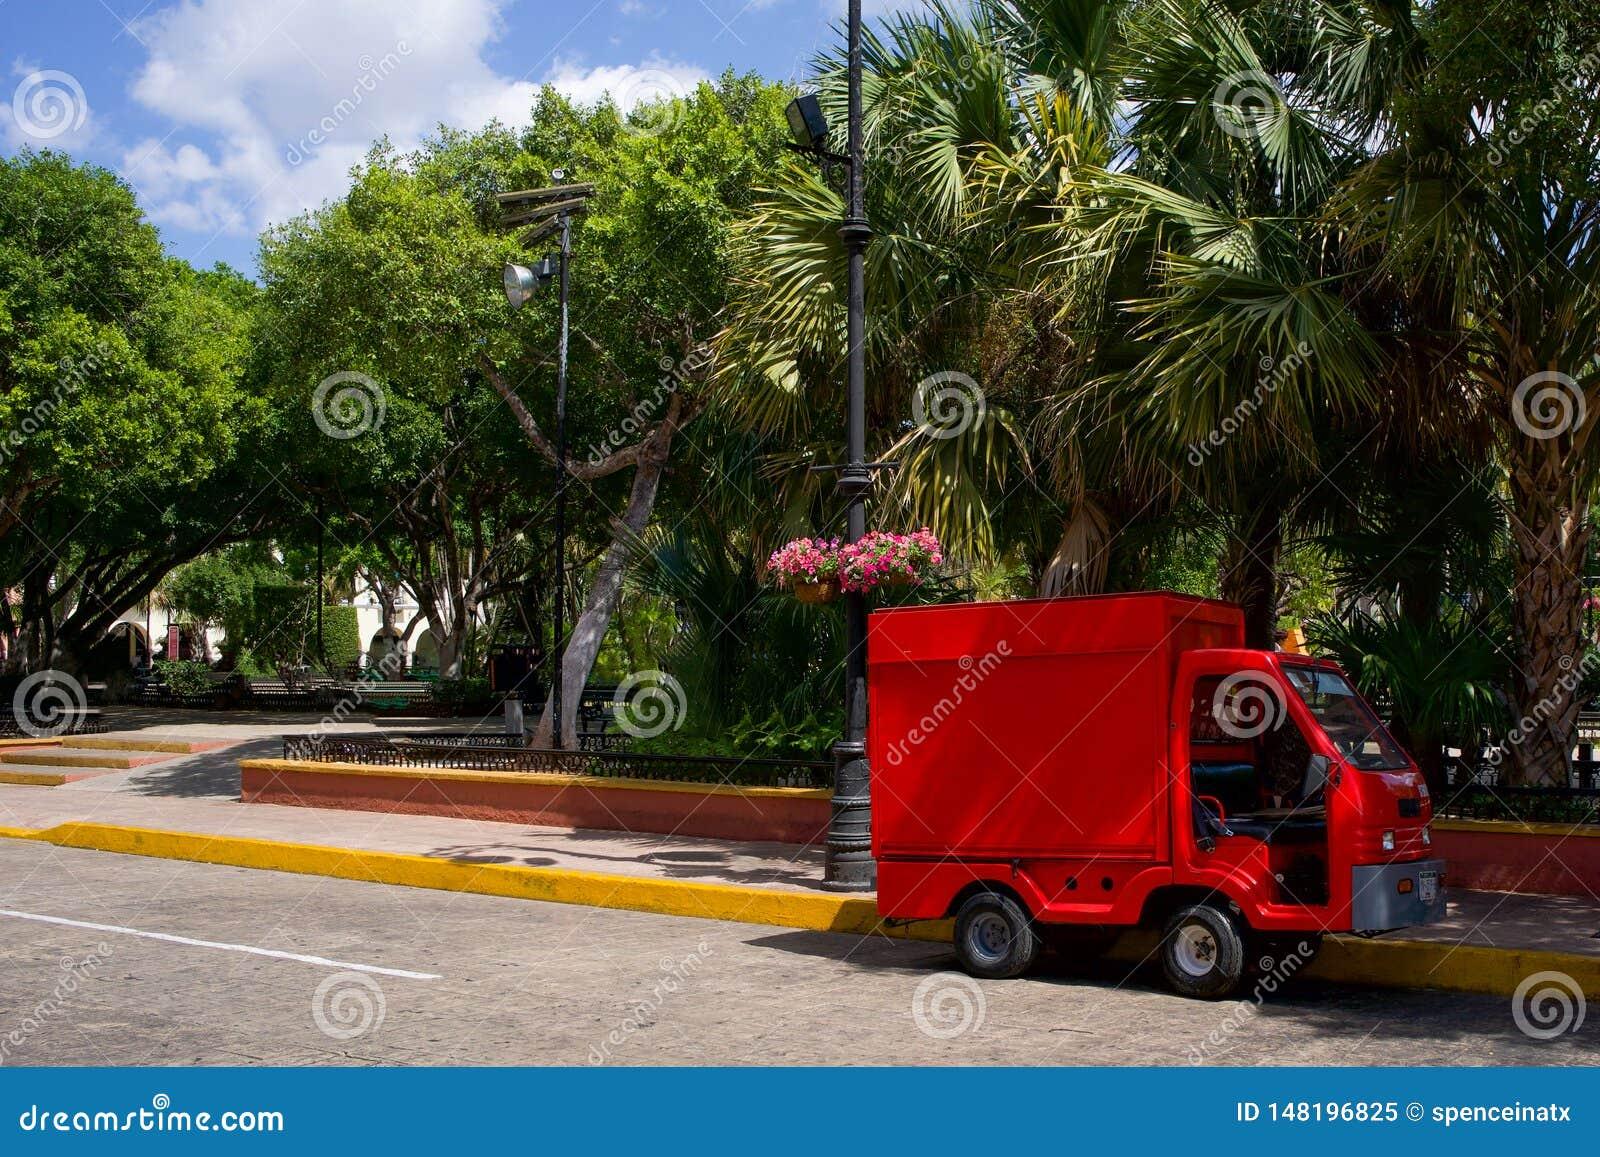 LKW auf Seite der Straße in Mexiko